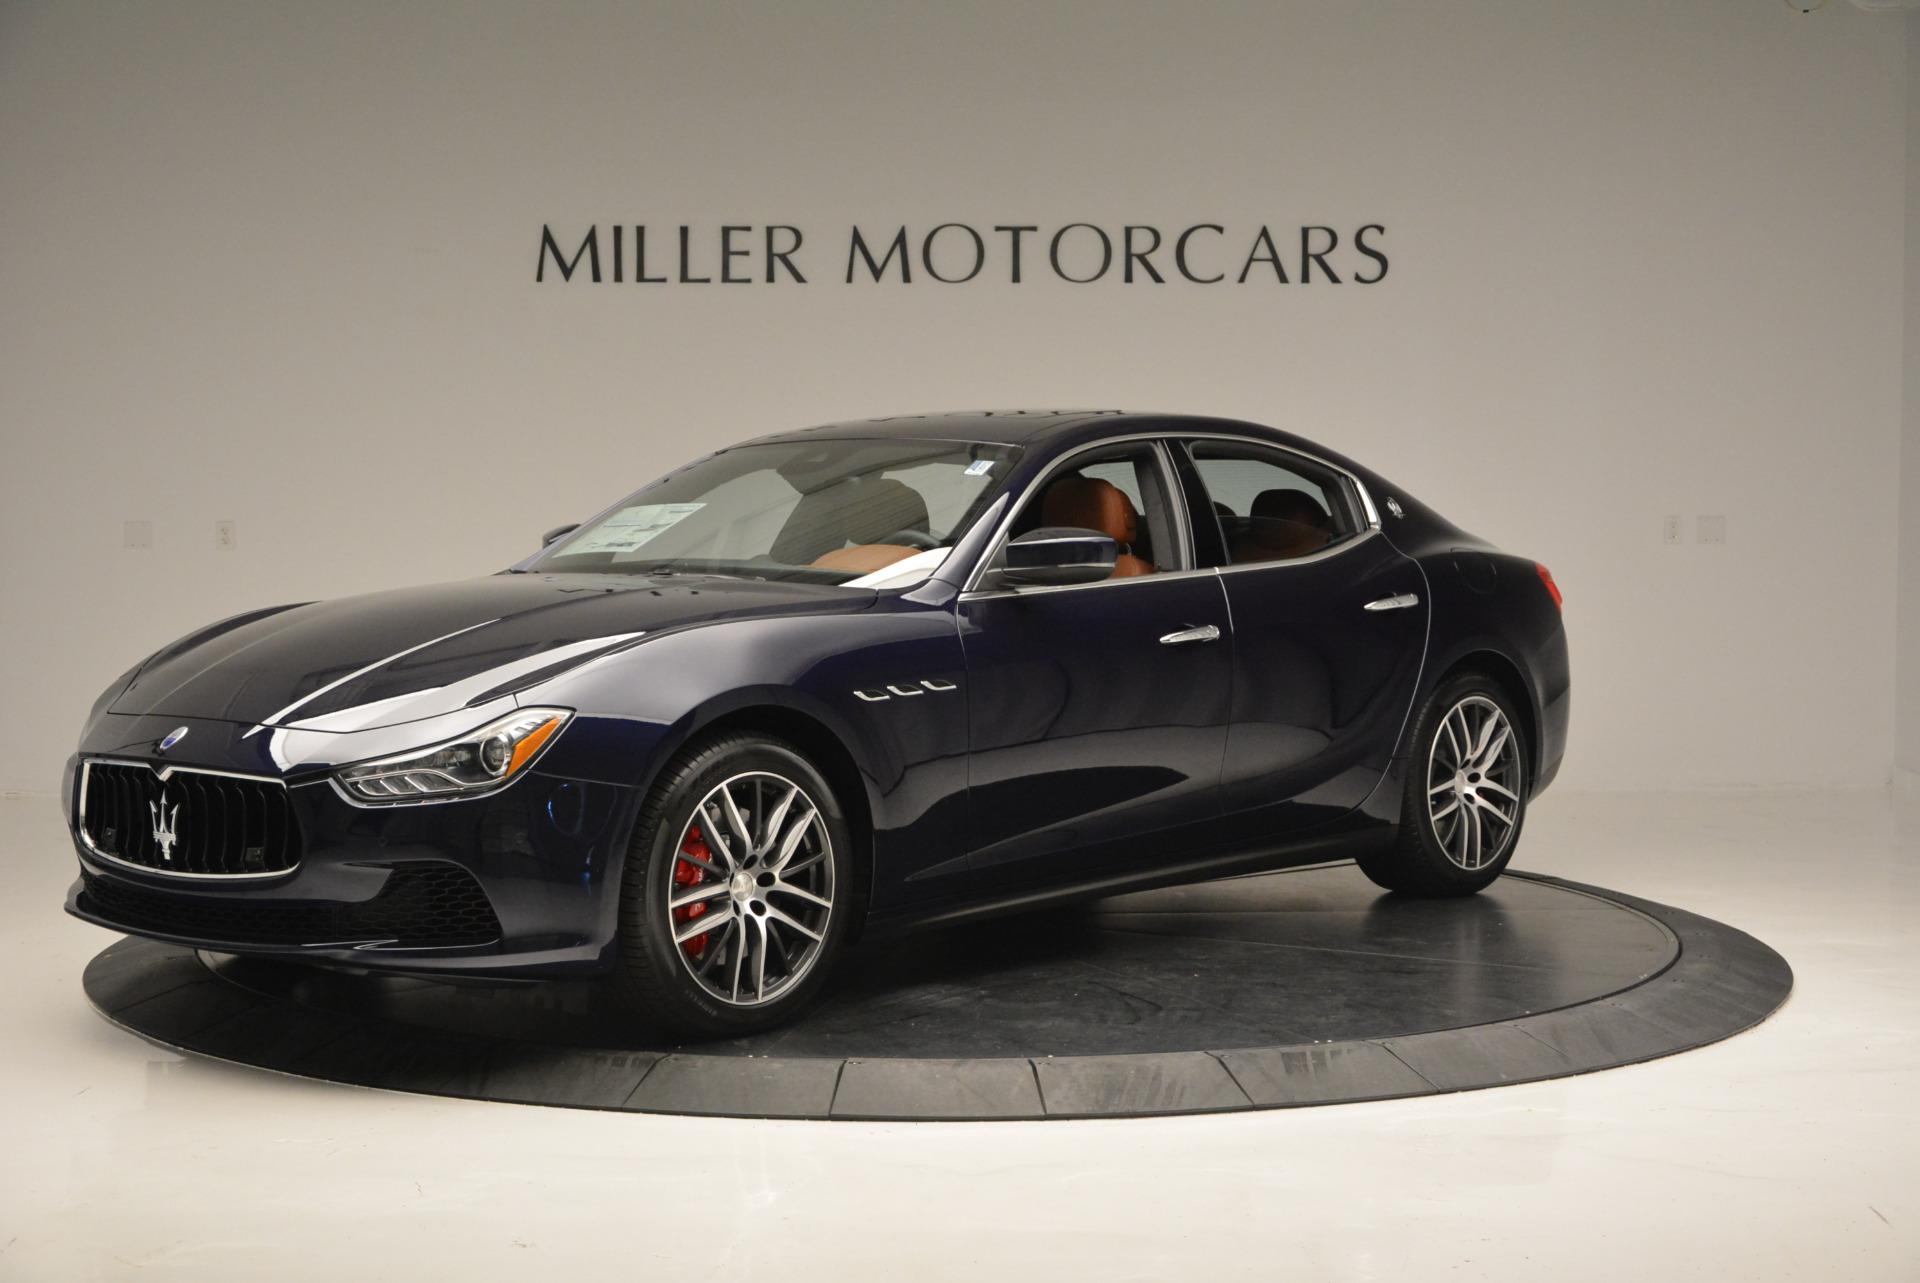 New 2017 Maserati Ghibli S Q4 For Sale In Greenwich, CT 569_p2